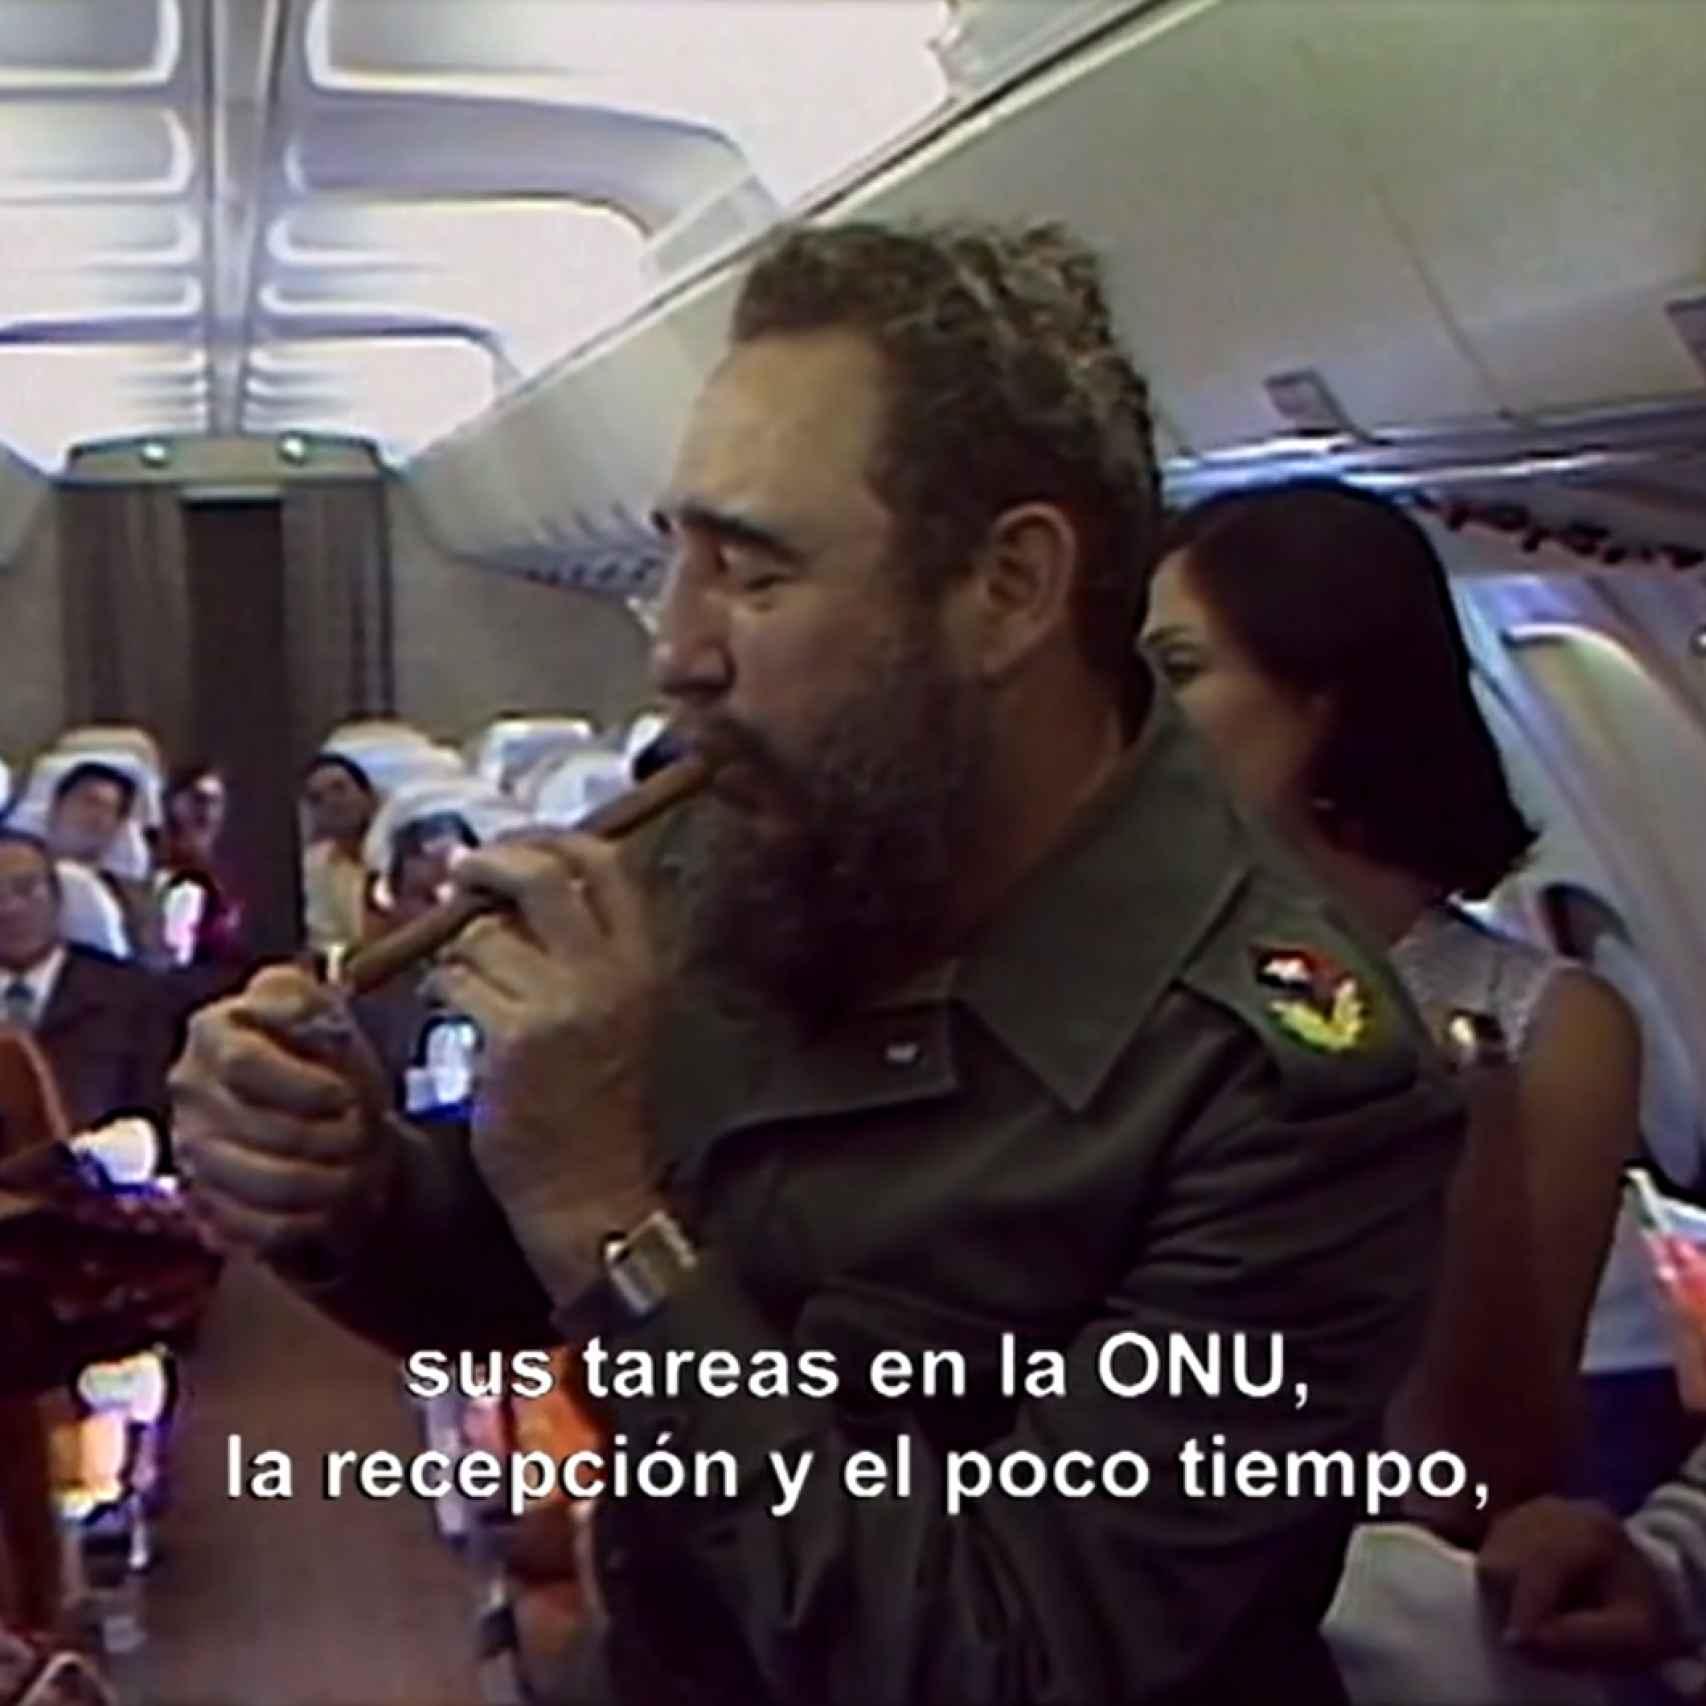 Fidel fumando en su avion